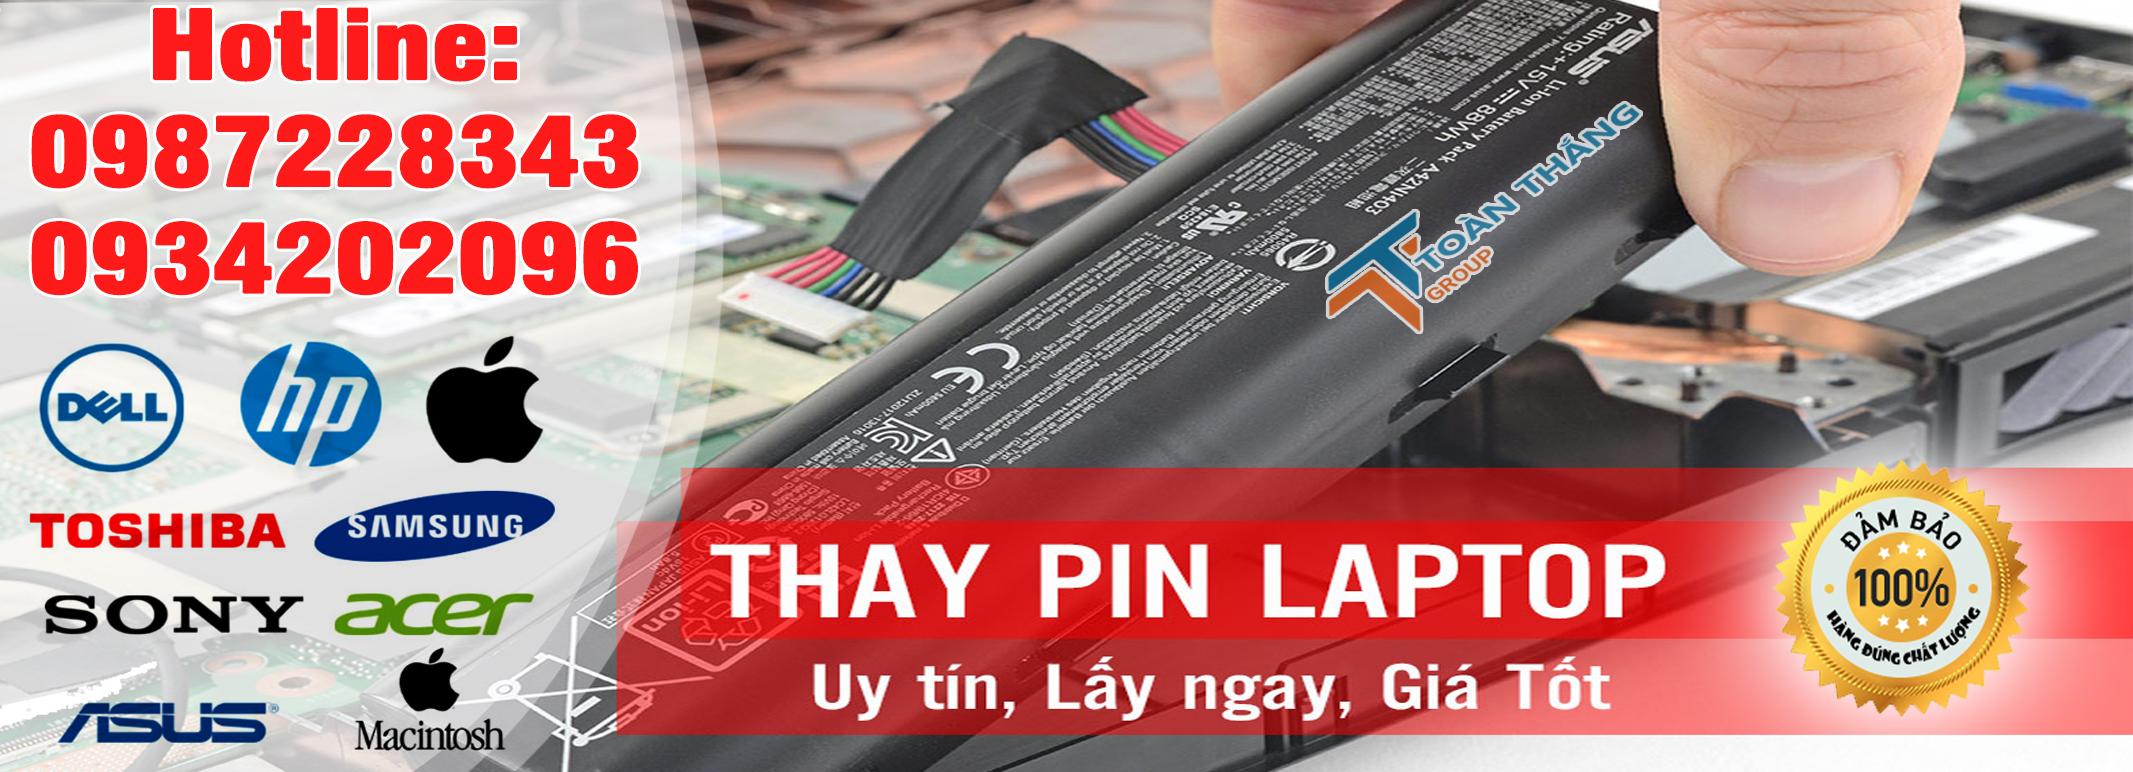 Công Ty Dịch Vụ Thay Pin Laptop Tận Nơi Quận Gò Vấp Uy Tín Nhanh